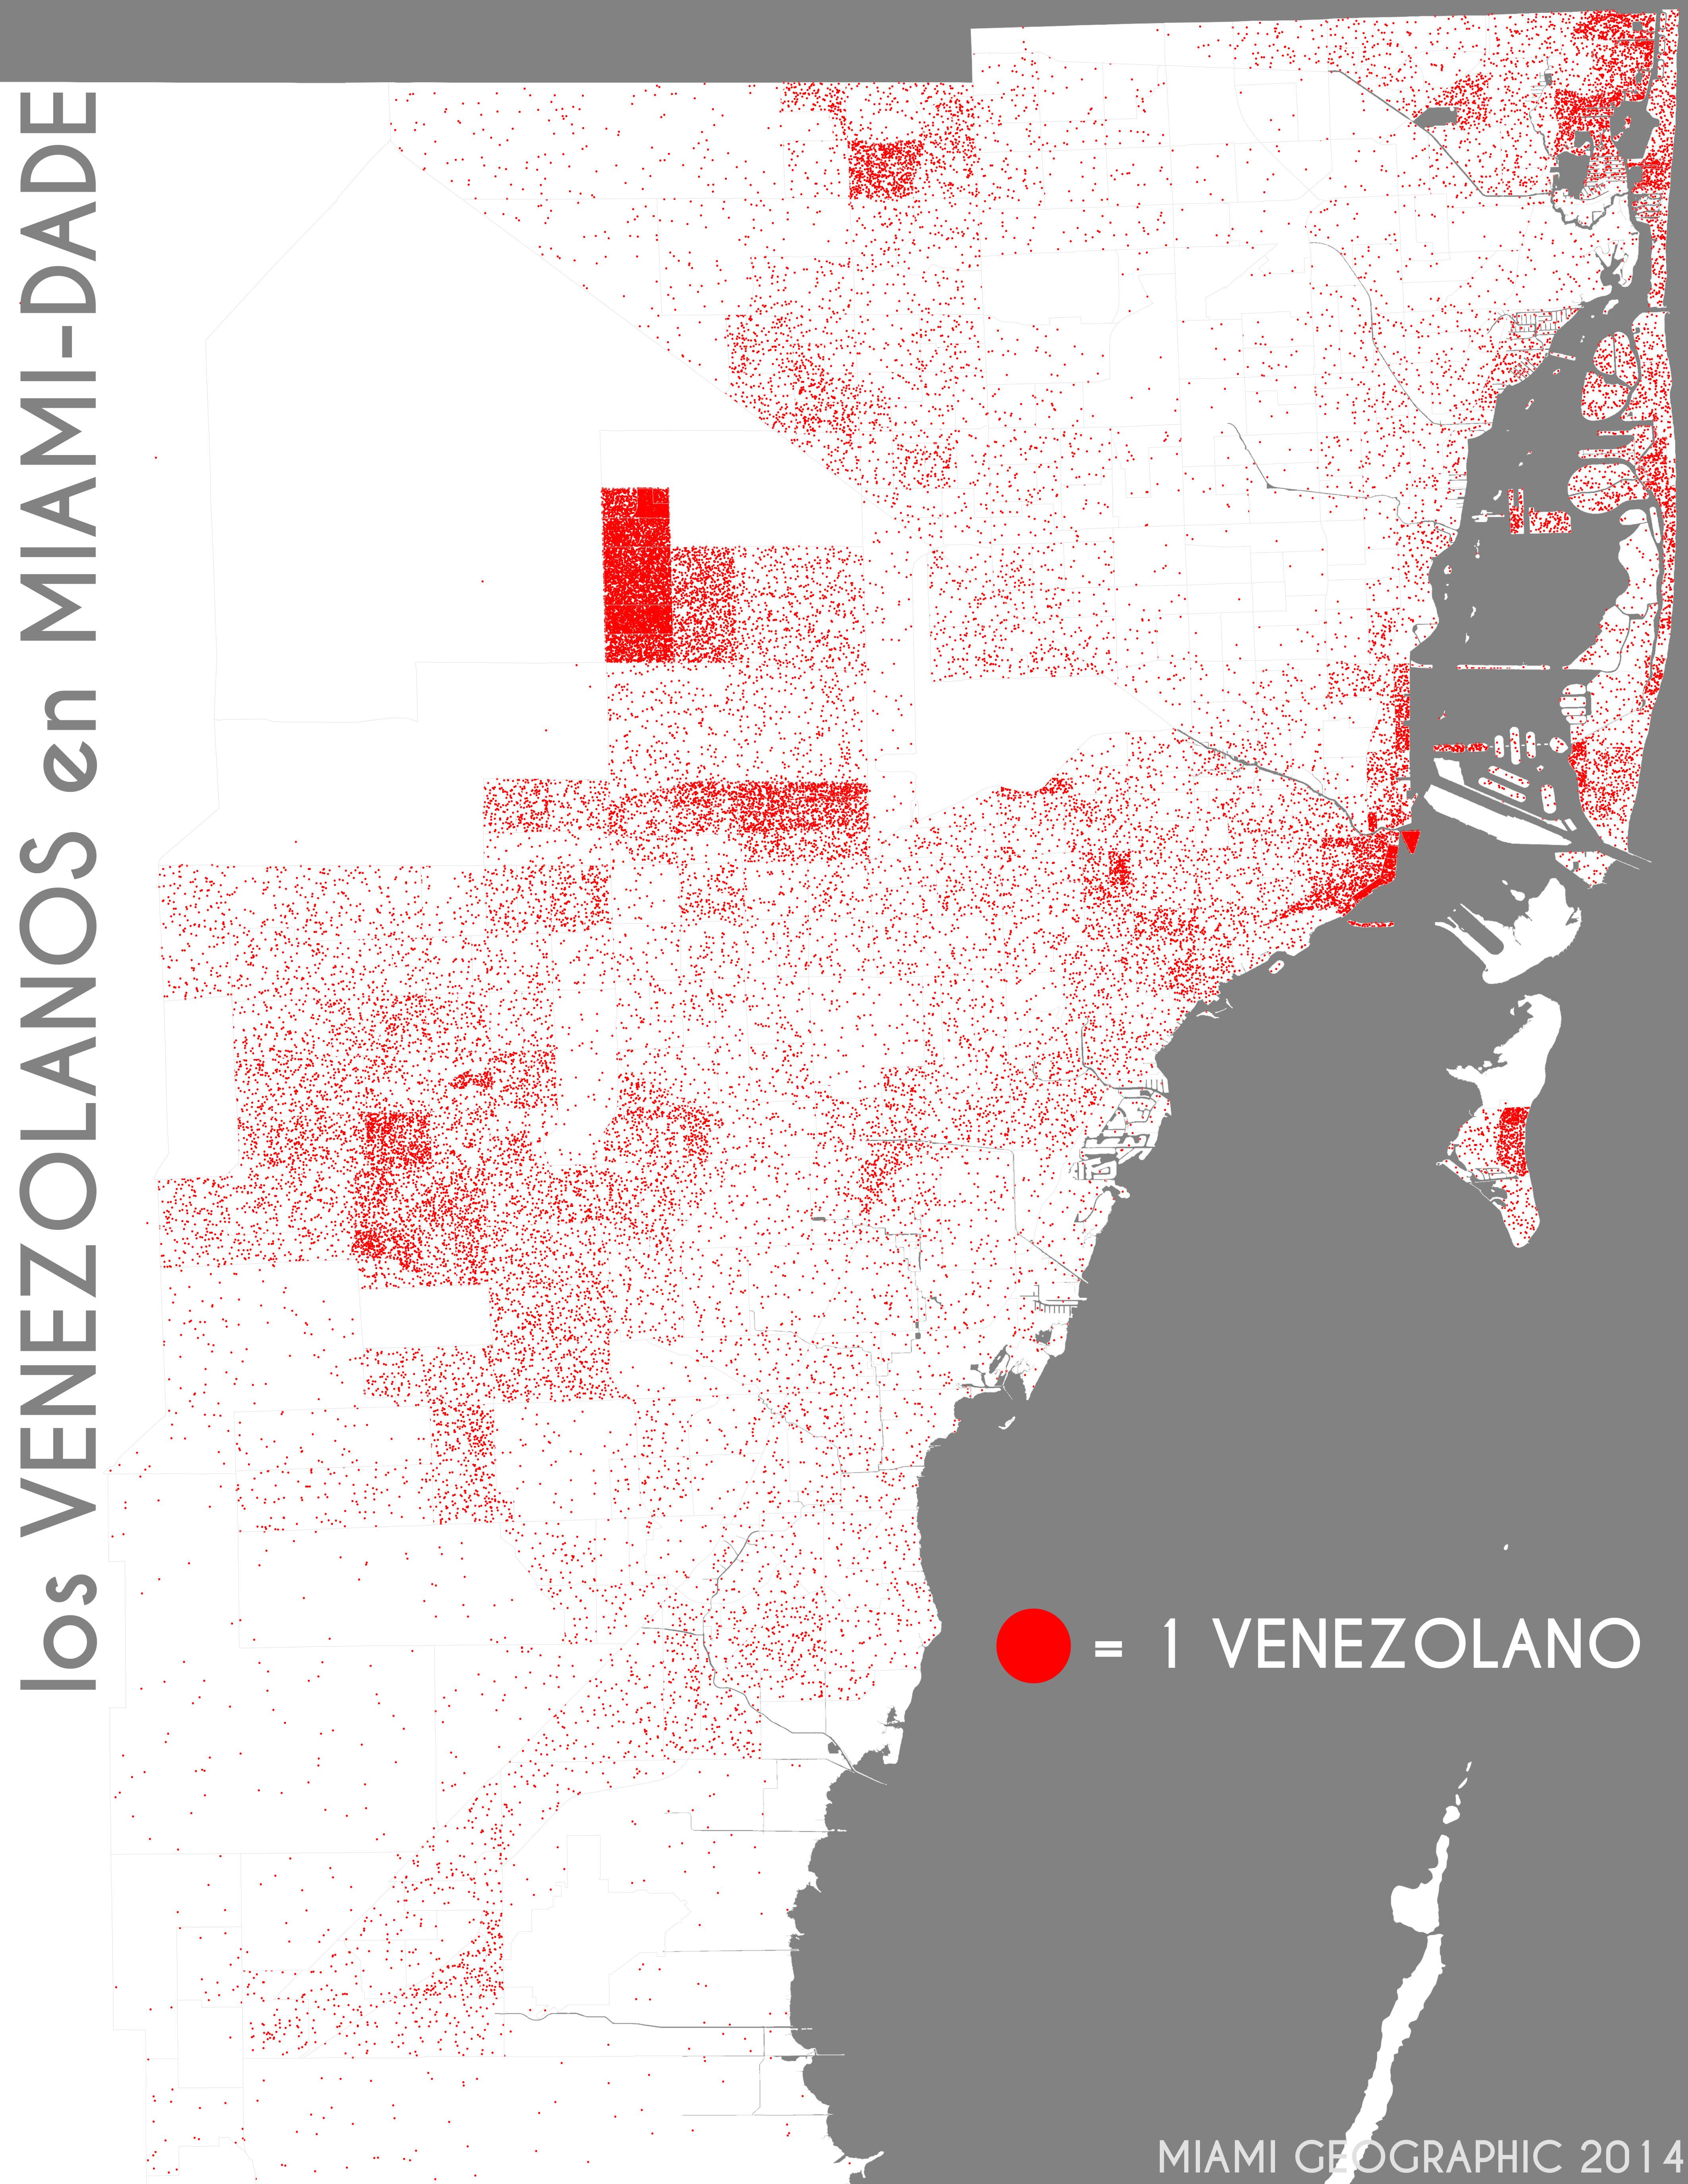 Los venezolanos en Miami Dade Data Source 2010